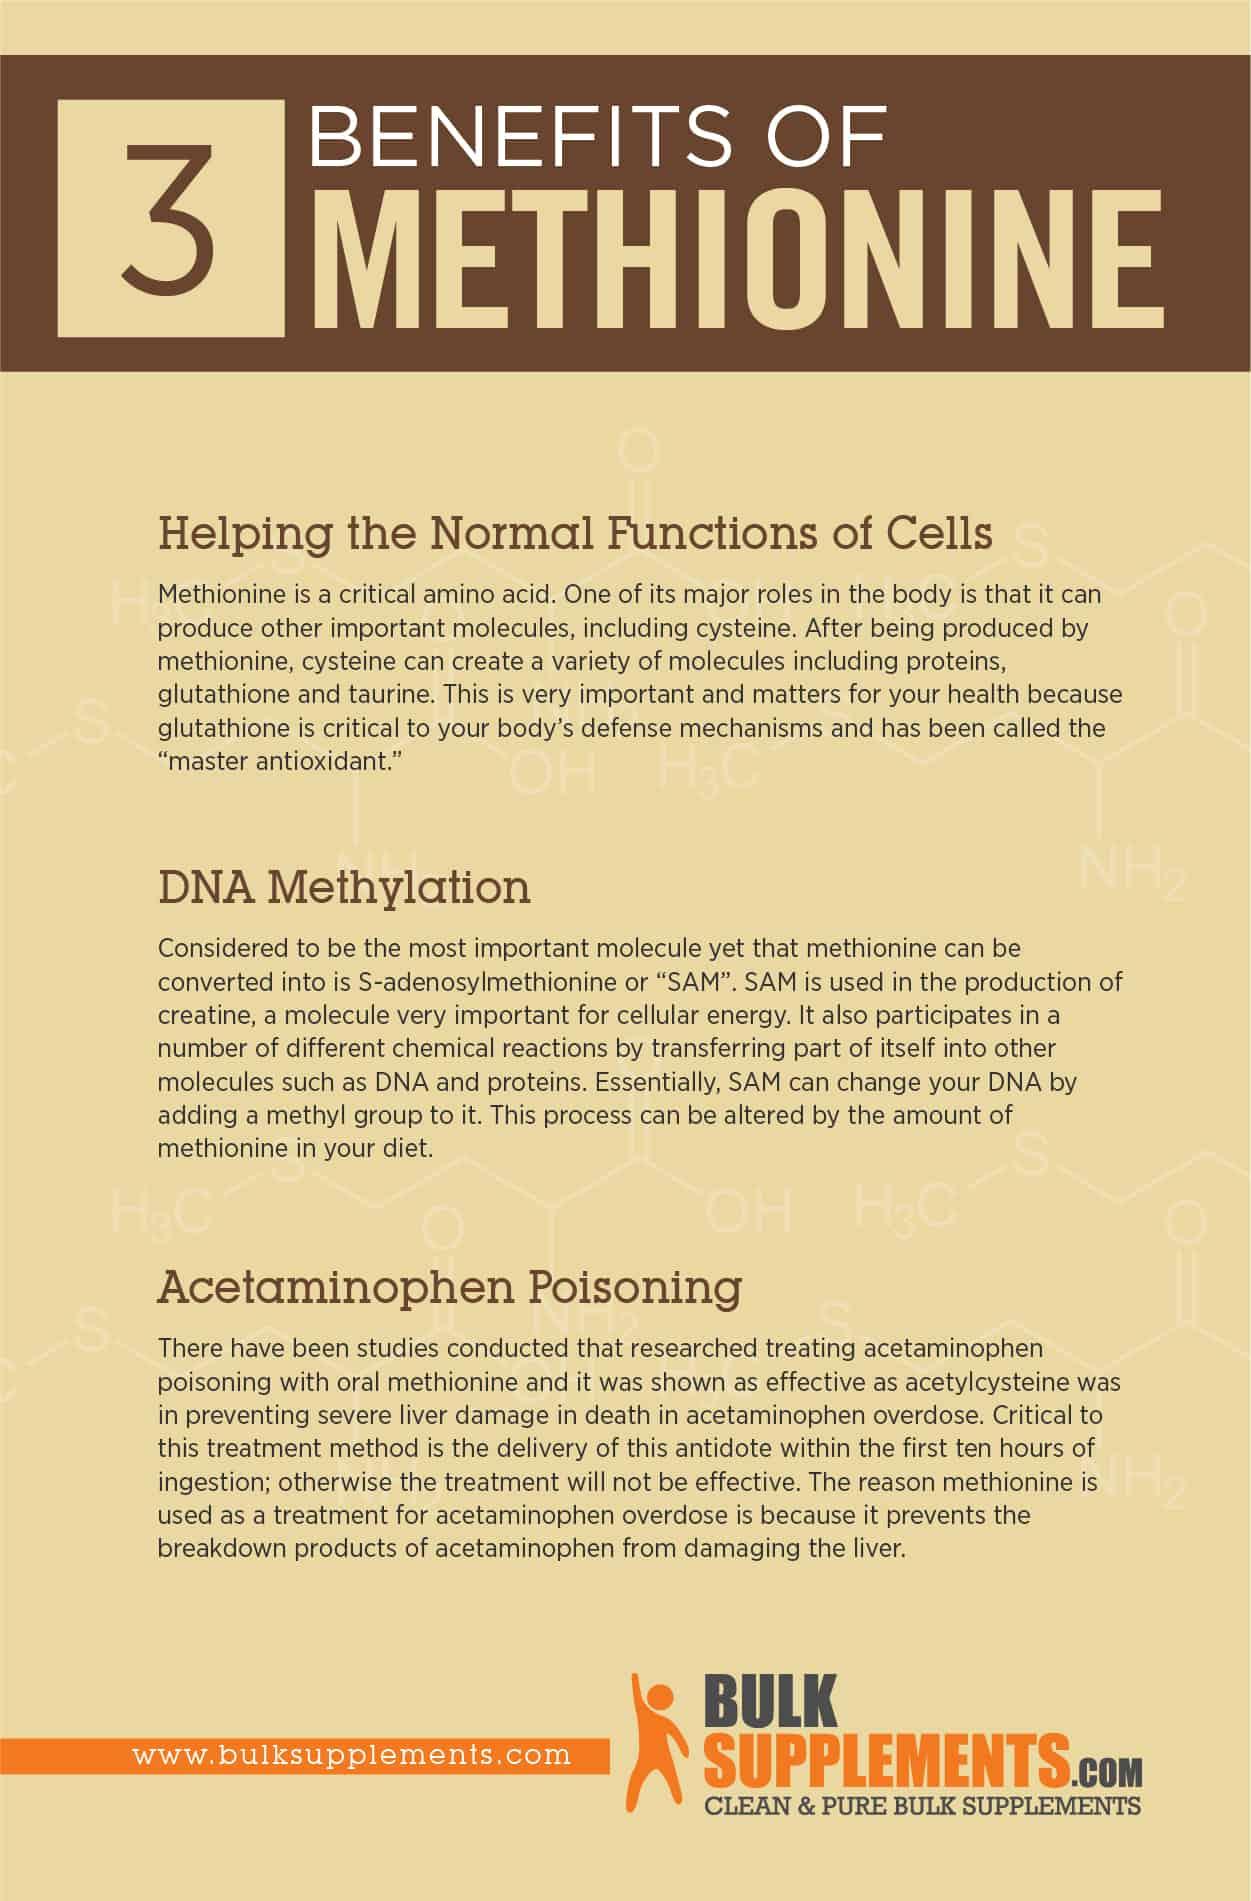 Methionine Benefits